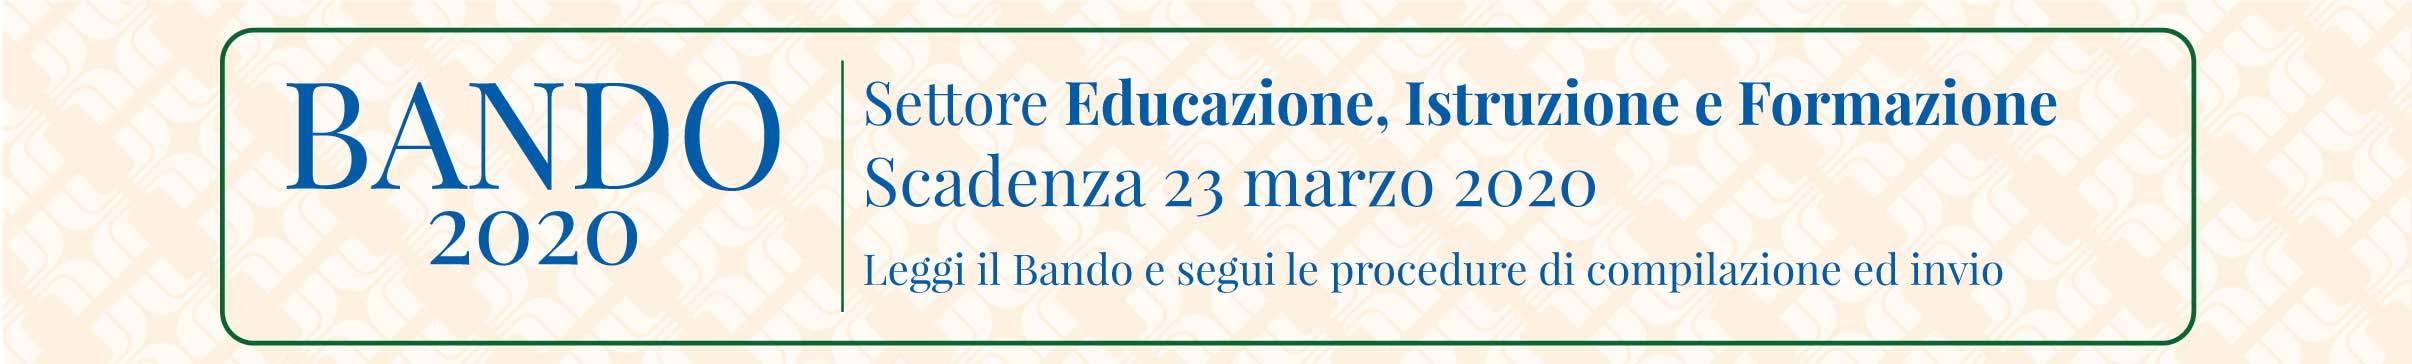 Bando Istruzione 2020 in BLU per Home Page